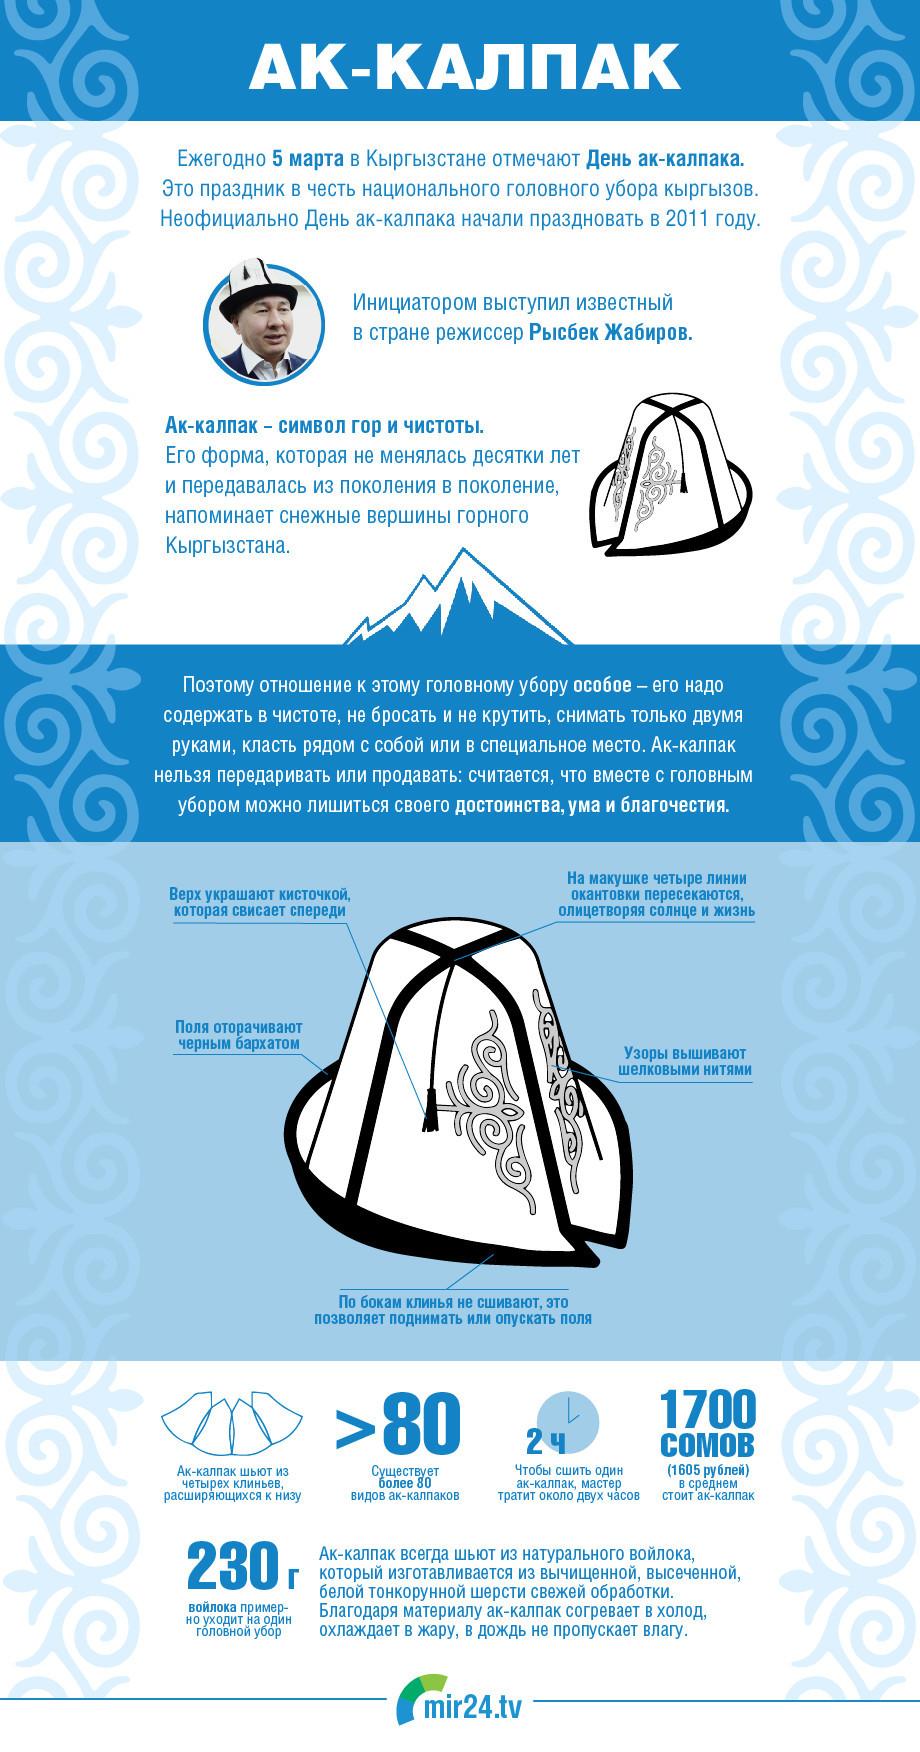 Ак-калпак: все, что нужно знать о головном уборе кыргызских мужчин. ИНФОГРАФИКА